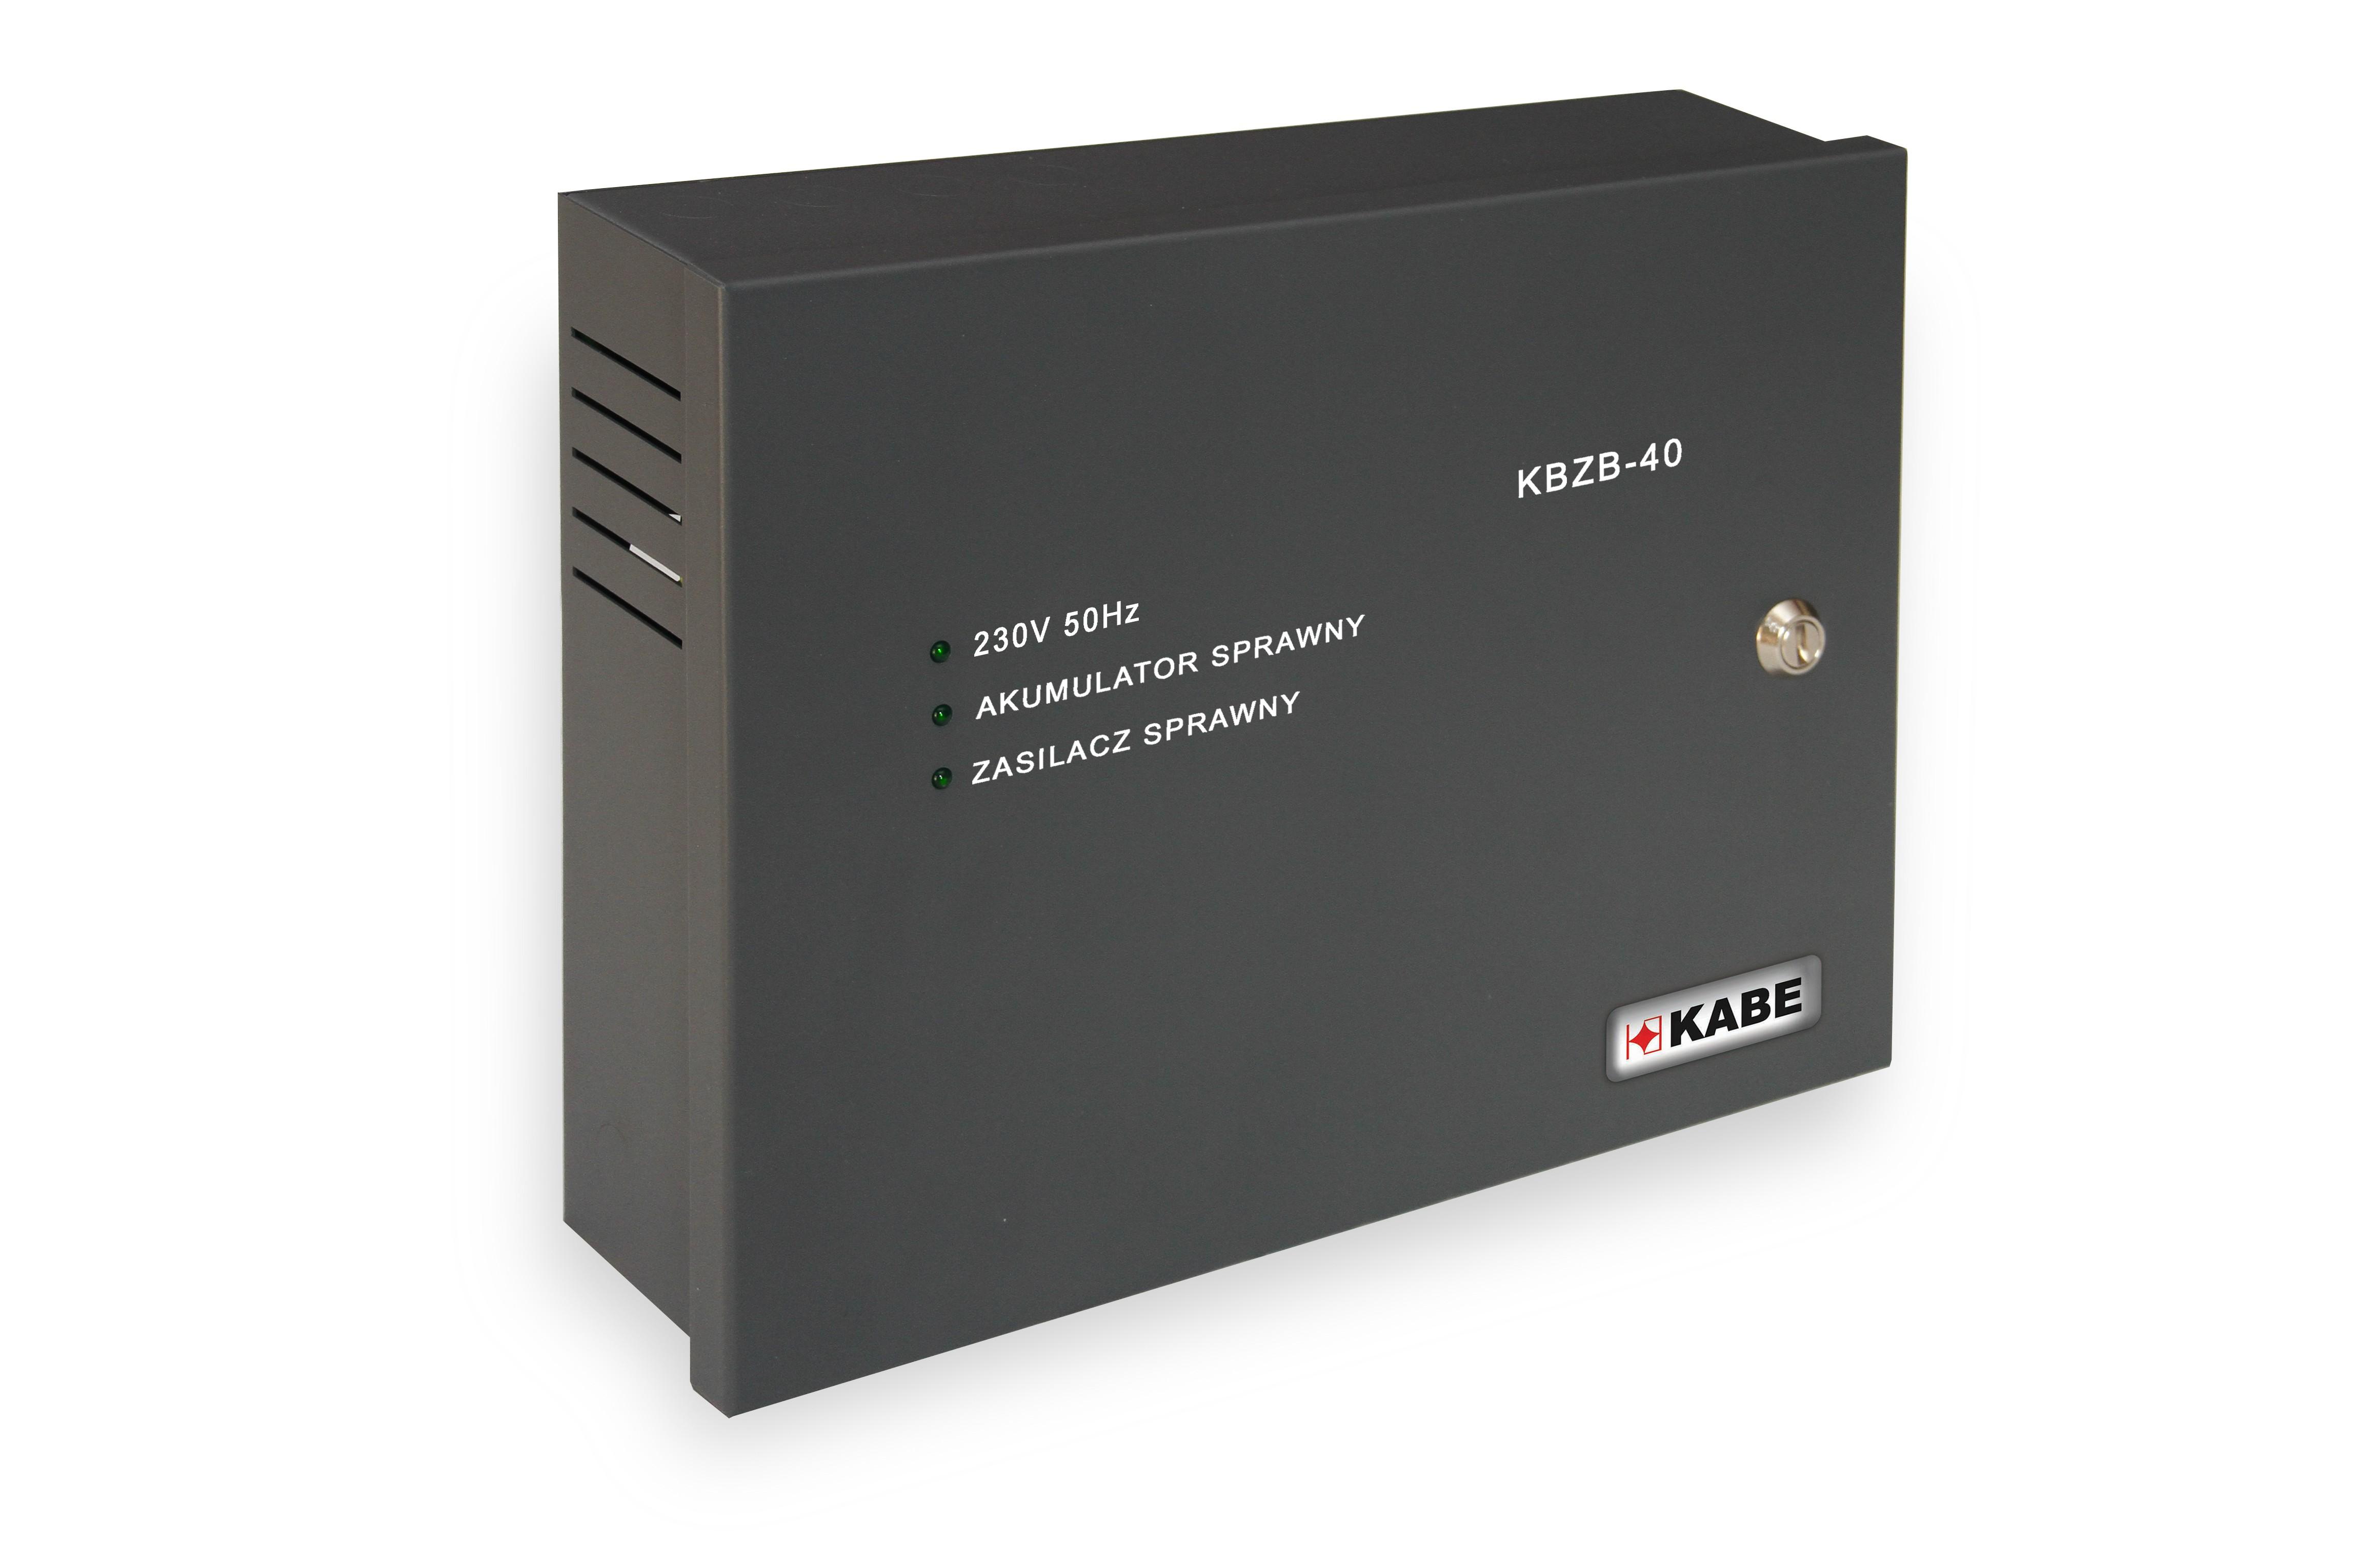 Zasilacz buforowy KBZB-40 2,7A/7Ah